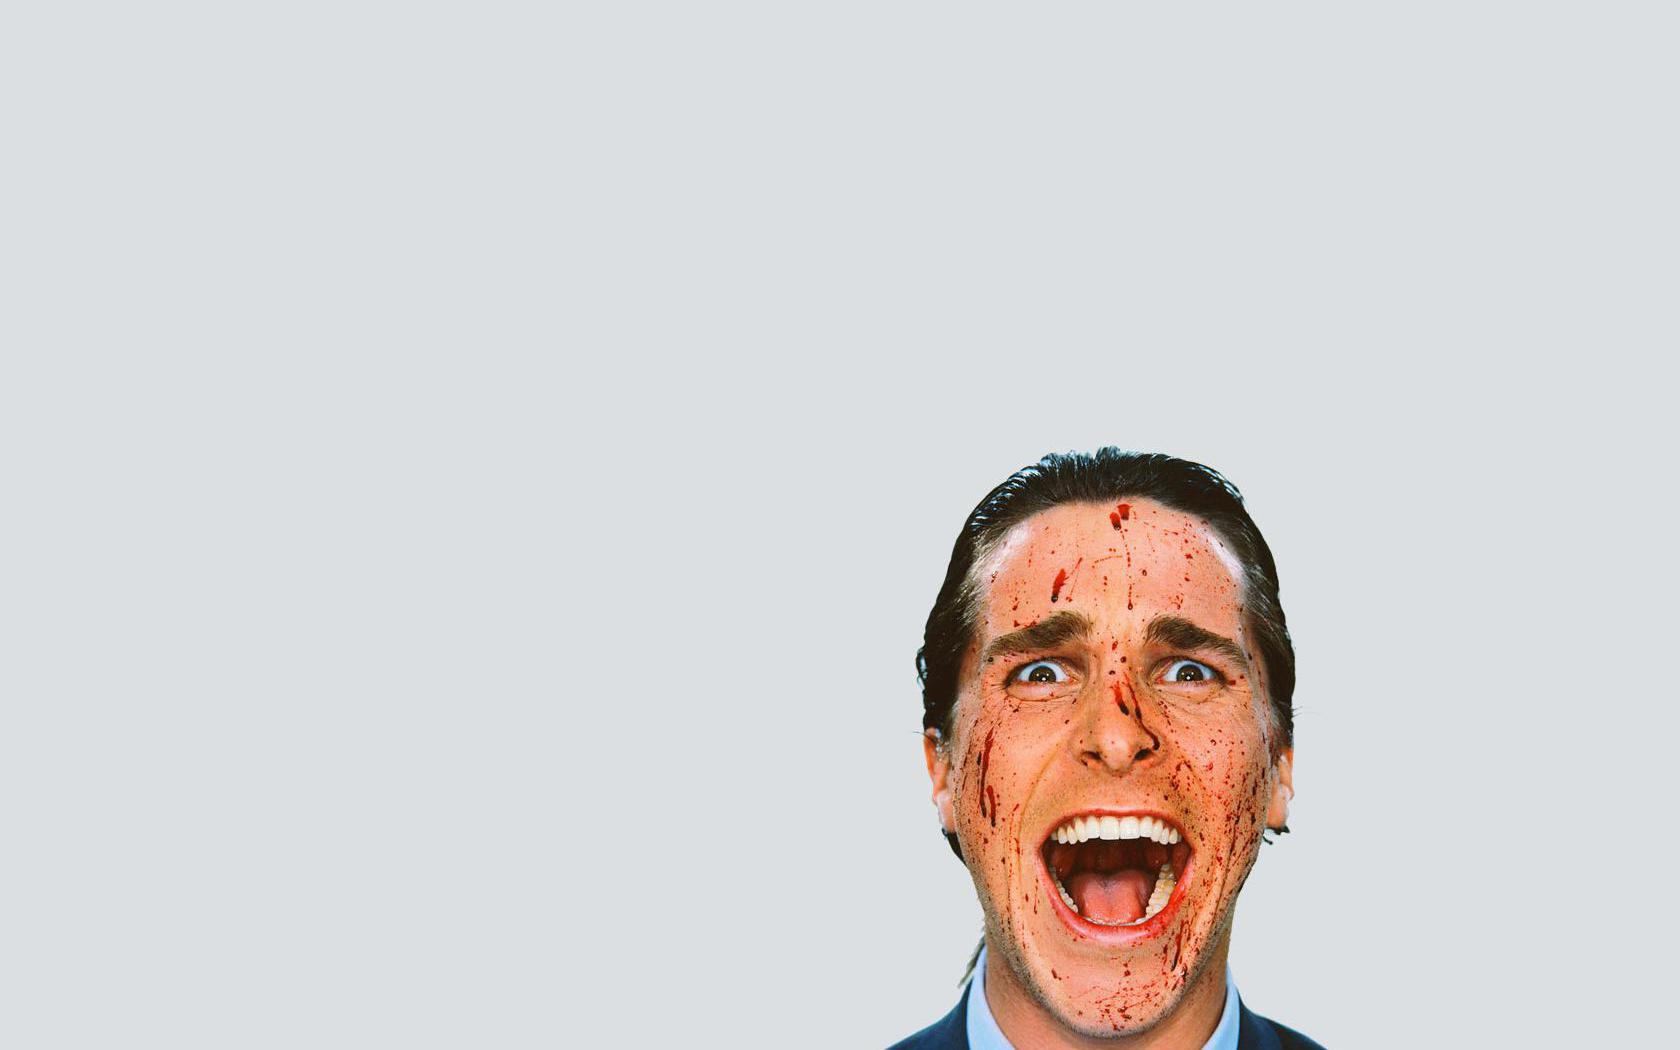 American Psycho Computer Wallpapers Desktop Backgrounds 1680x1050 1680x1050